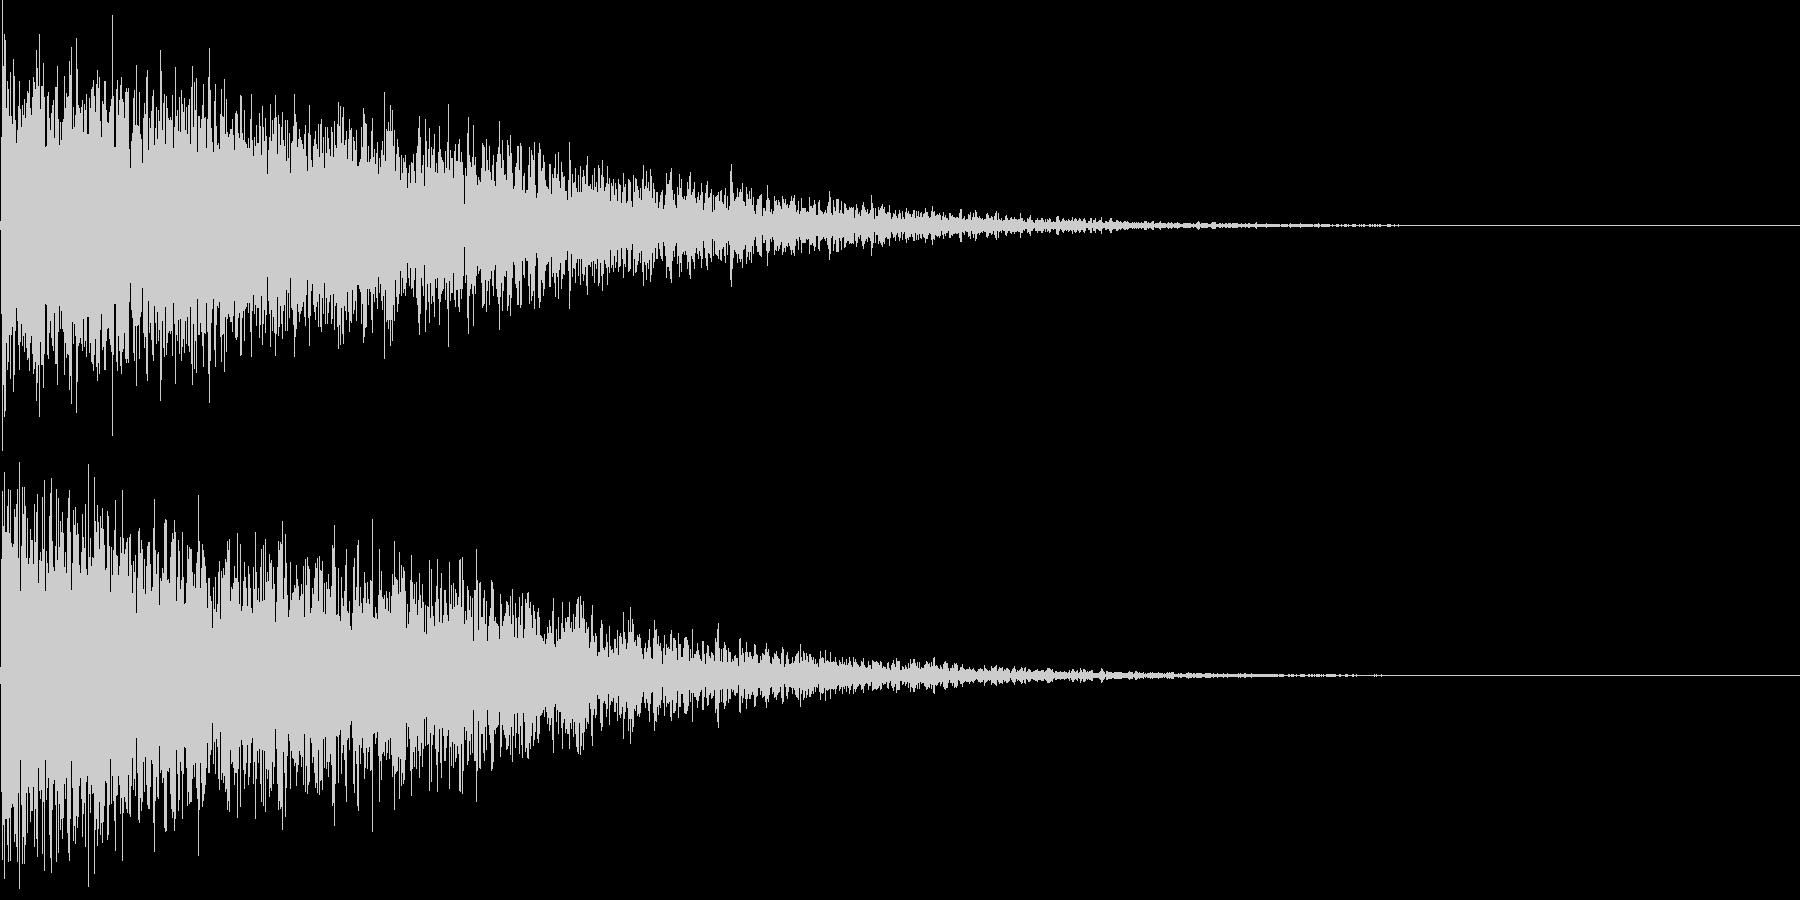 大爆発音01の未再生の波形